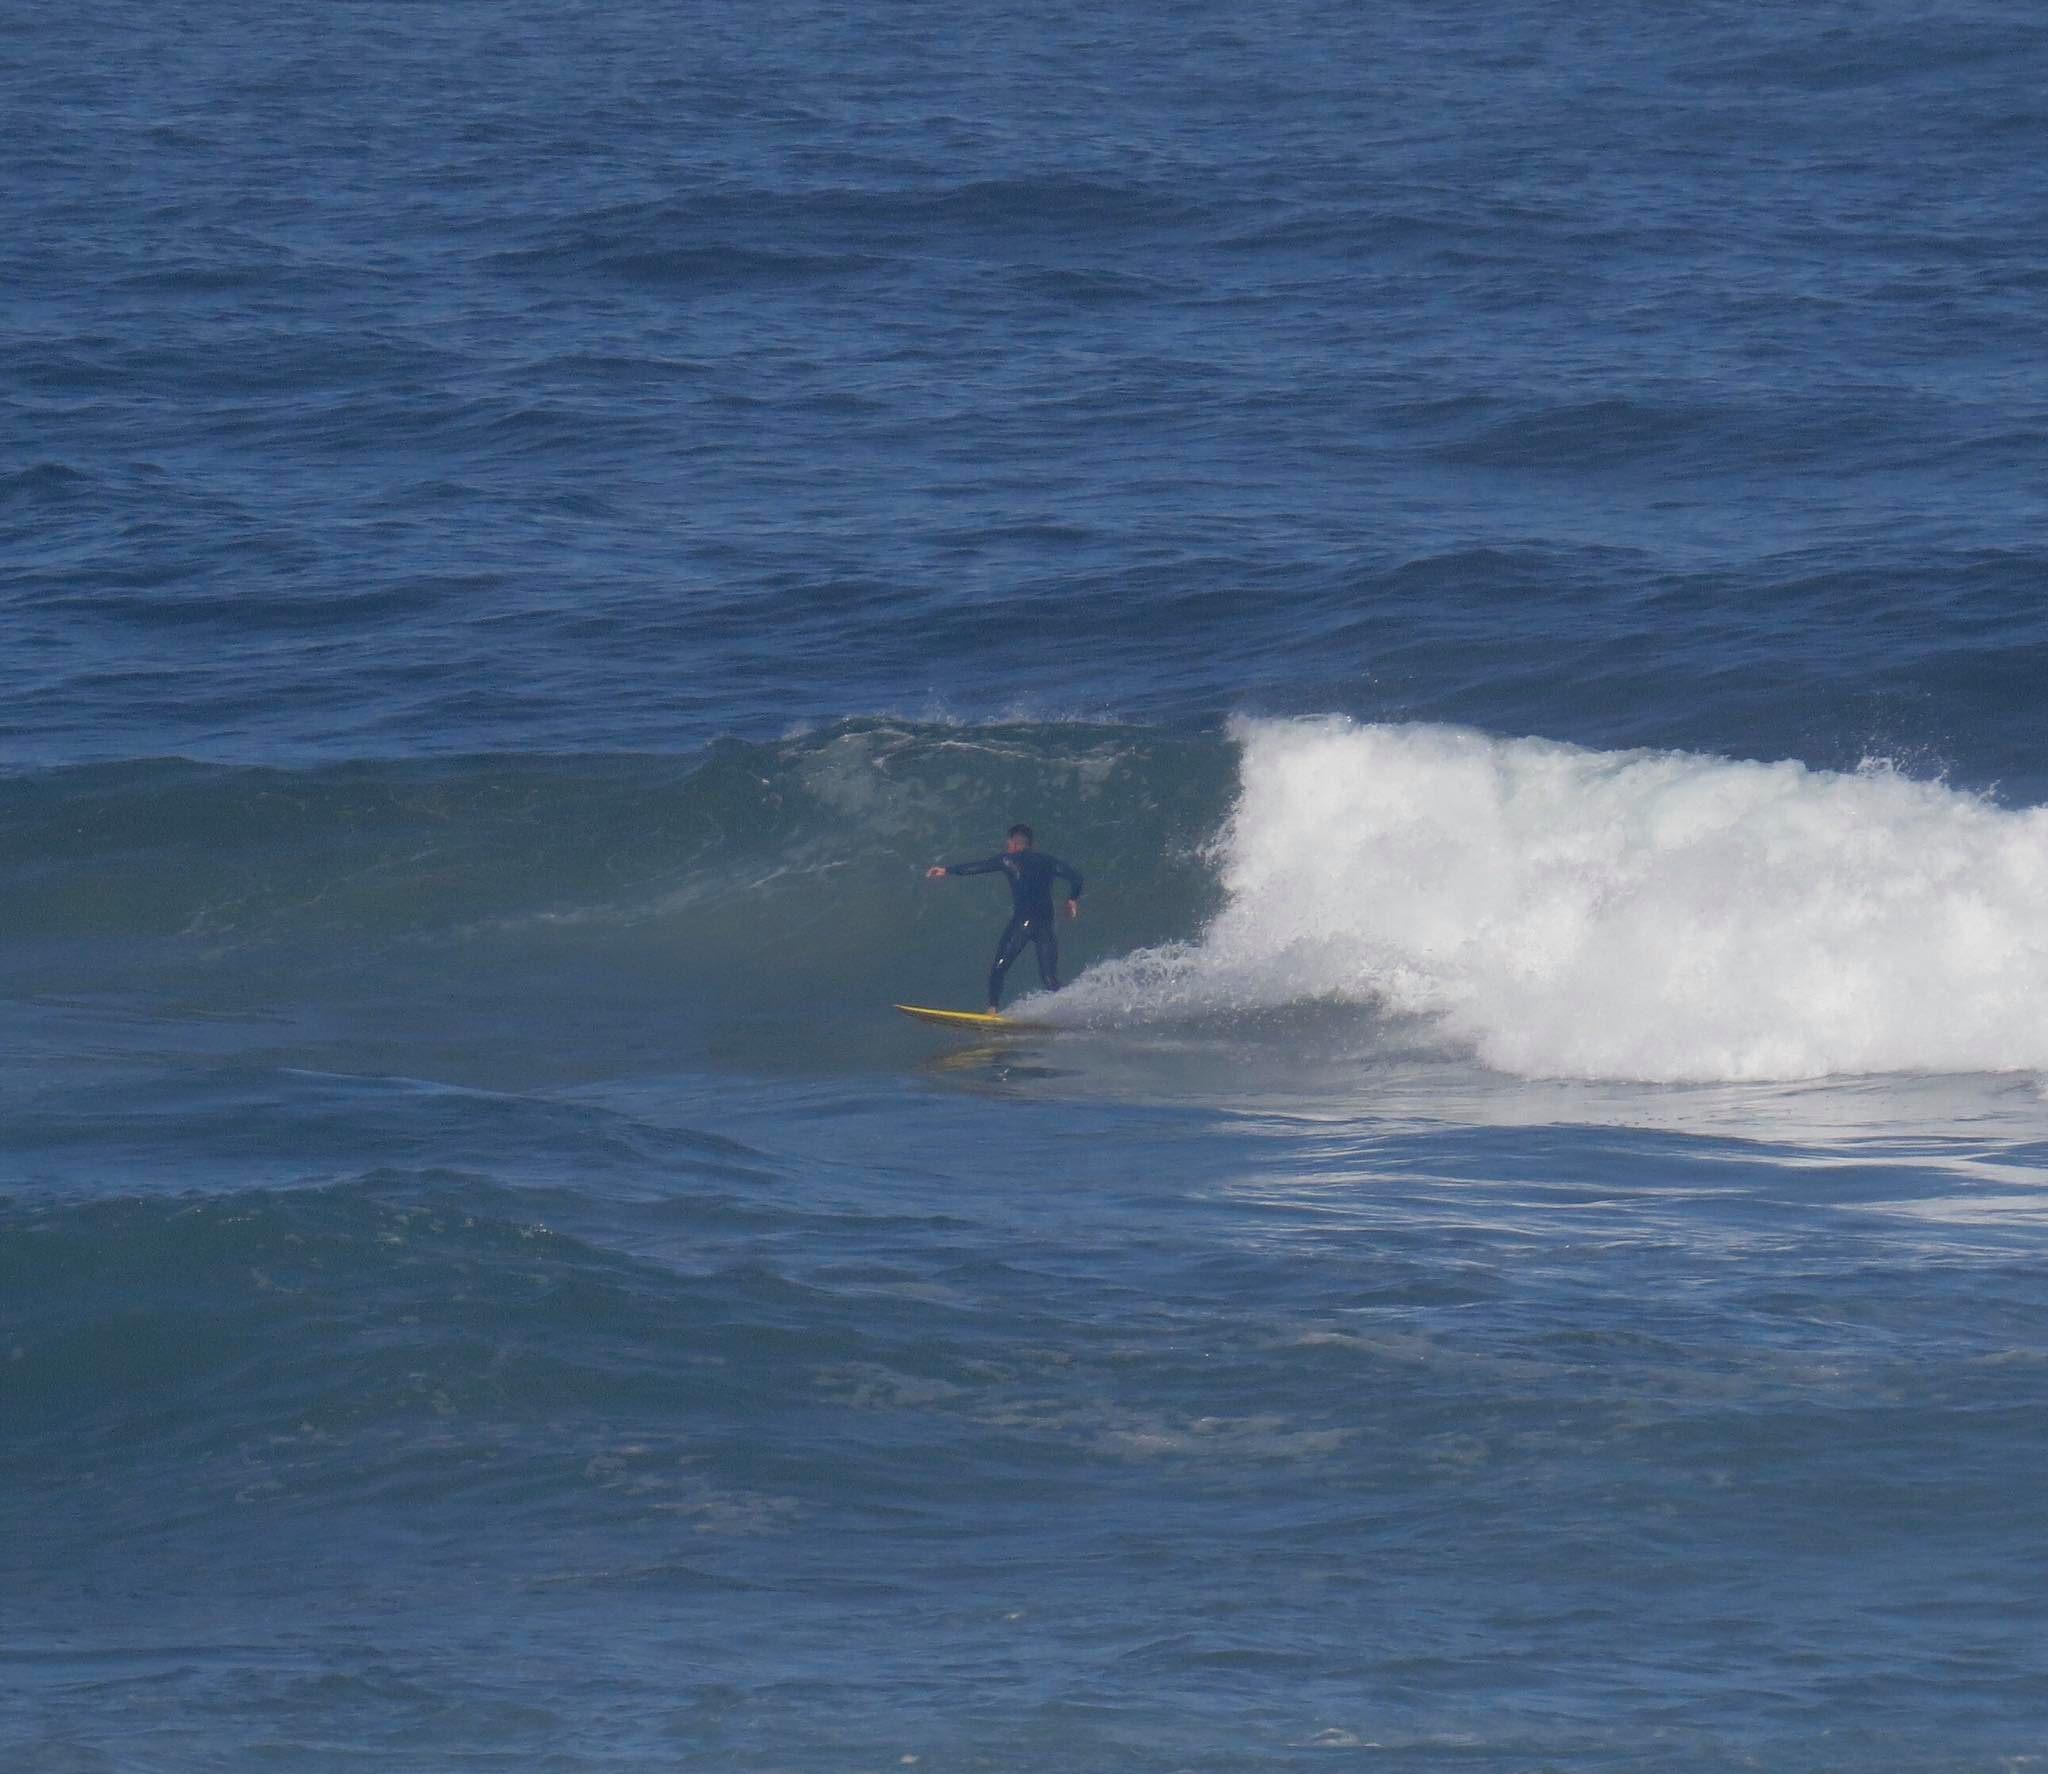 surfing mini nazare in cordoama